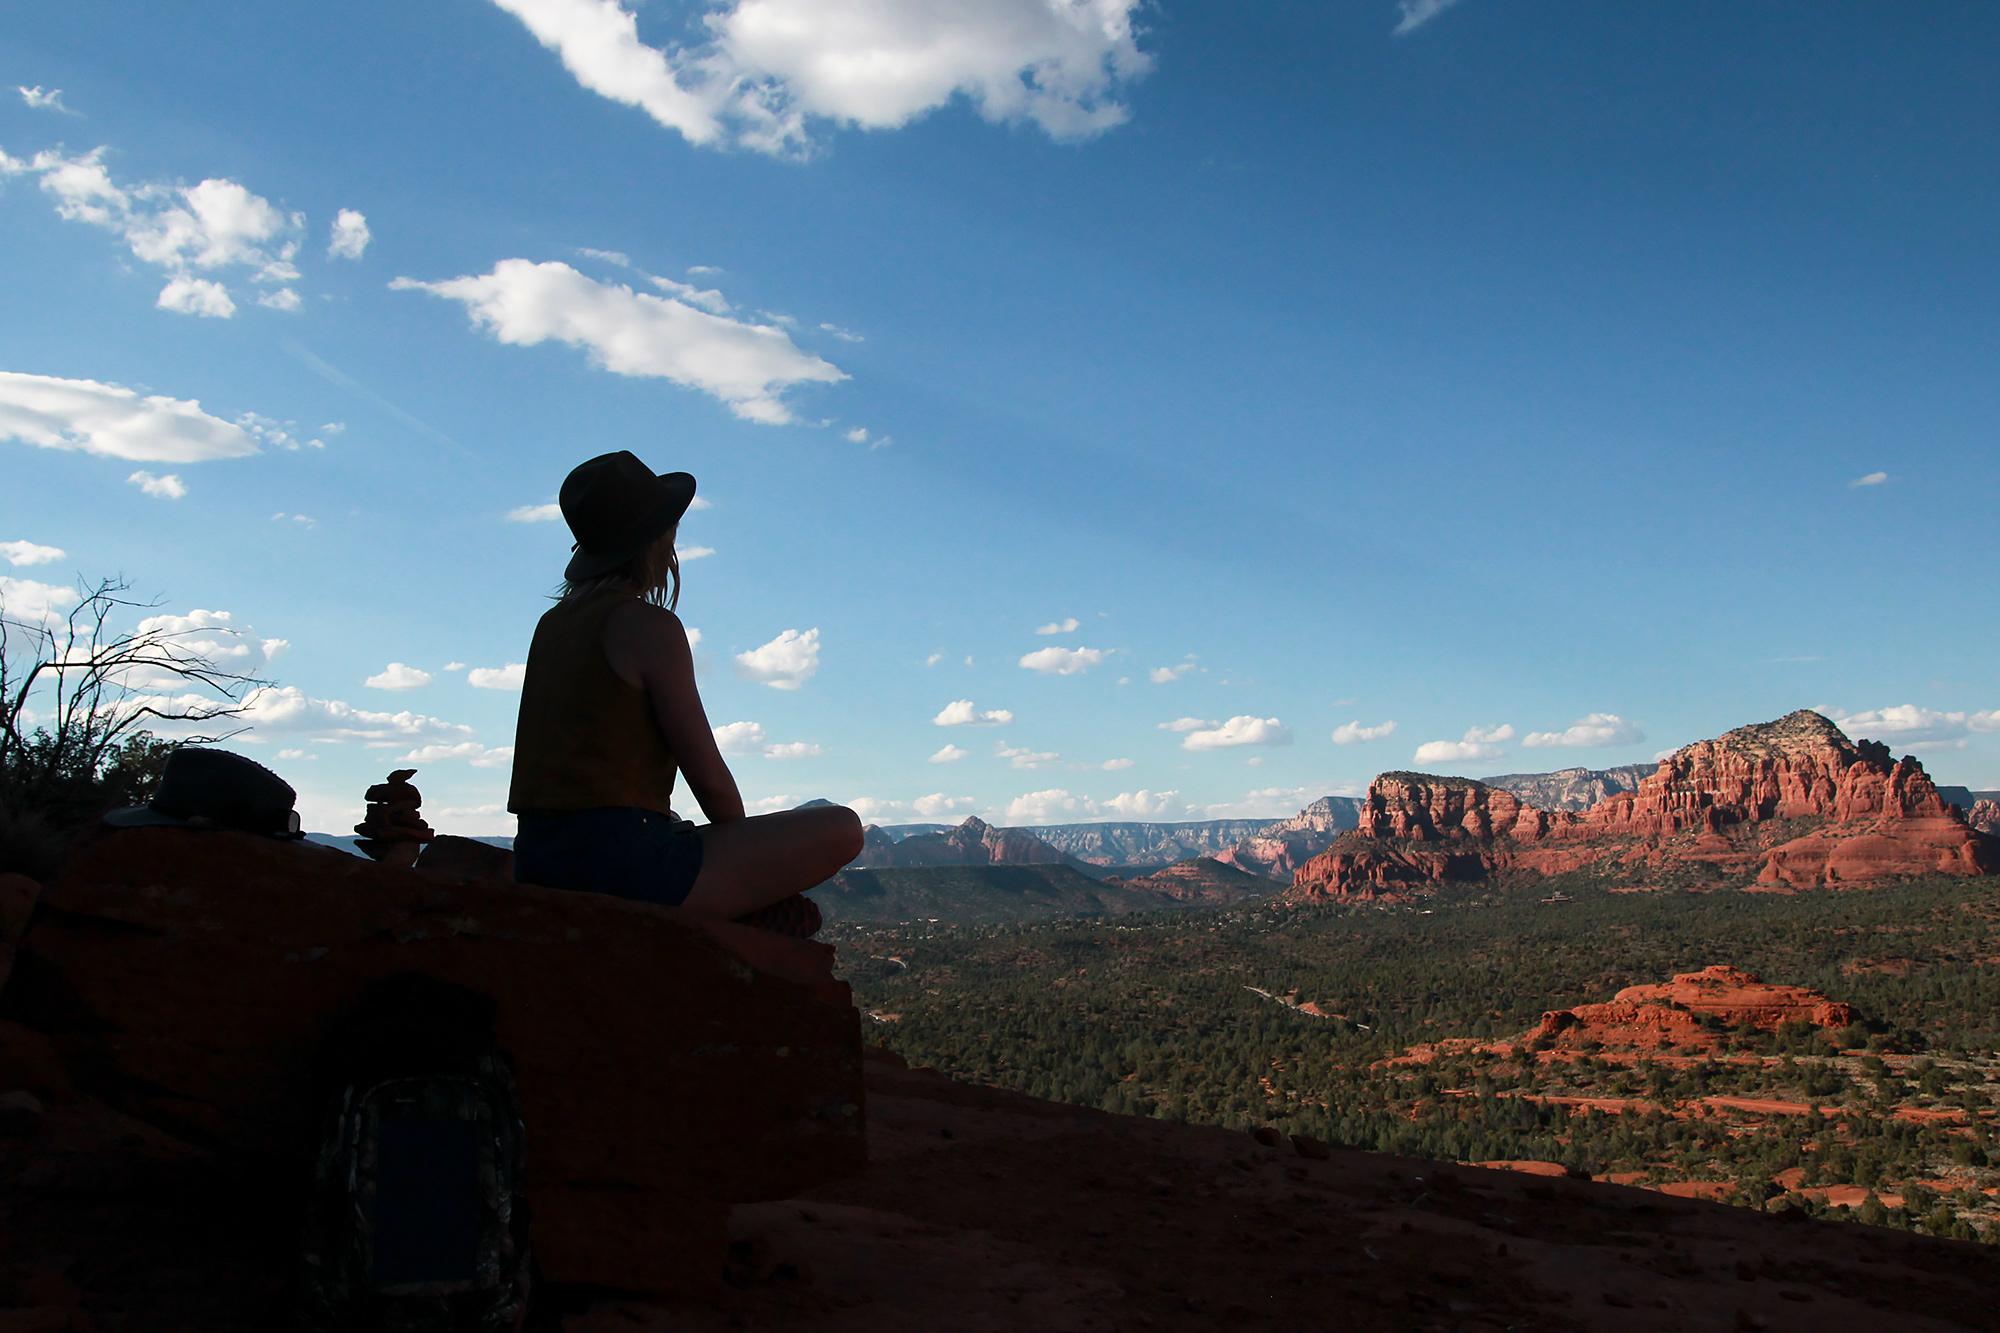 Meditating among the Red Rocks.